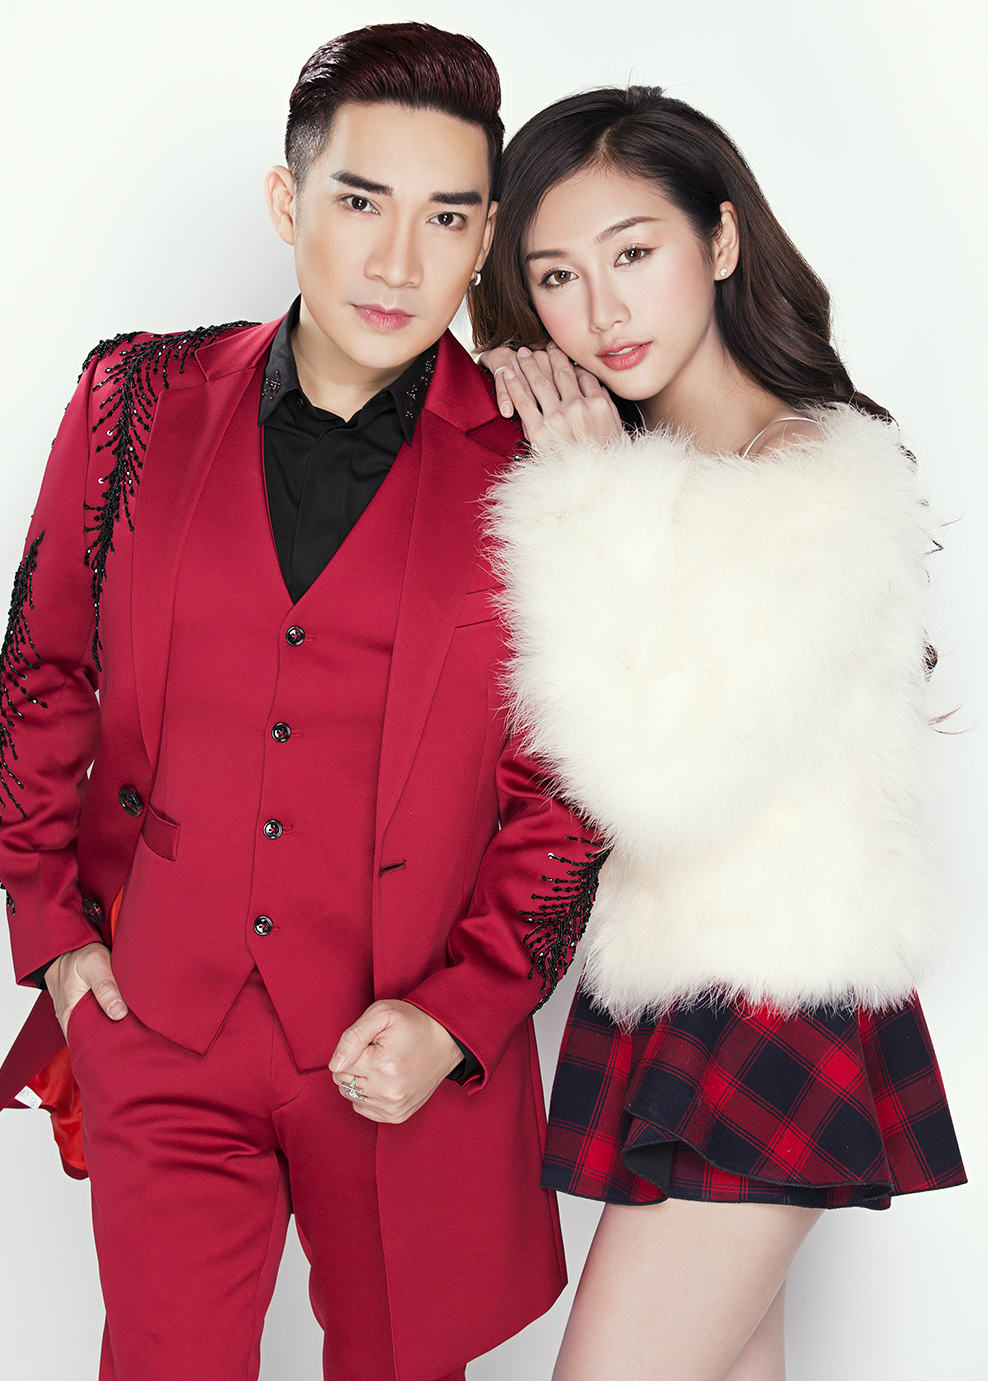 Nữ DJ mặc mát mẻ đón Giáng sinh bên ca sĩ Quang Hà - 3